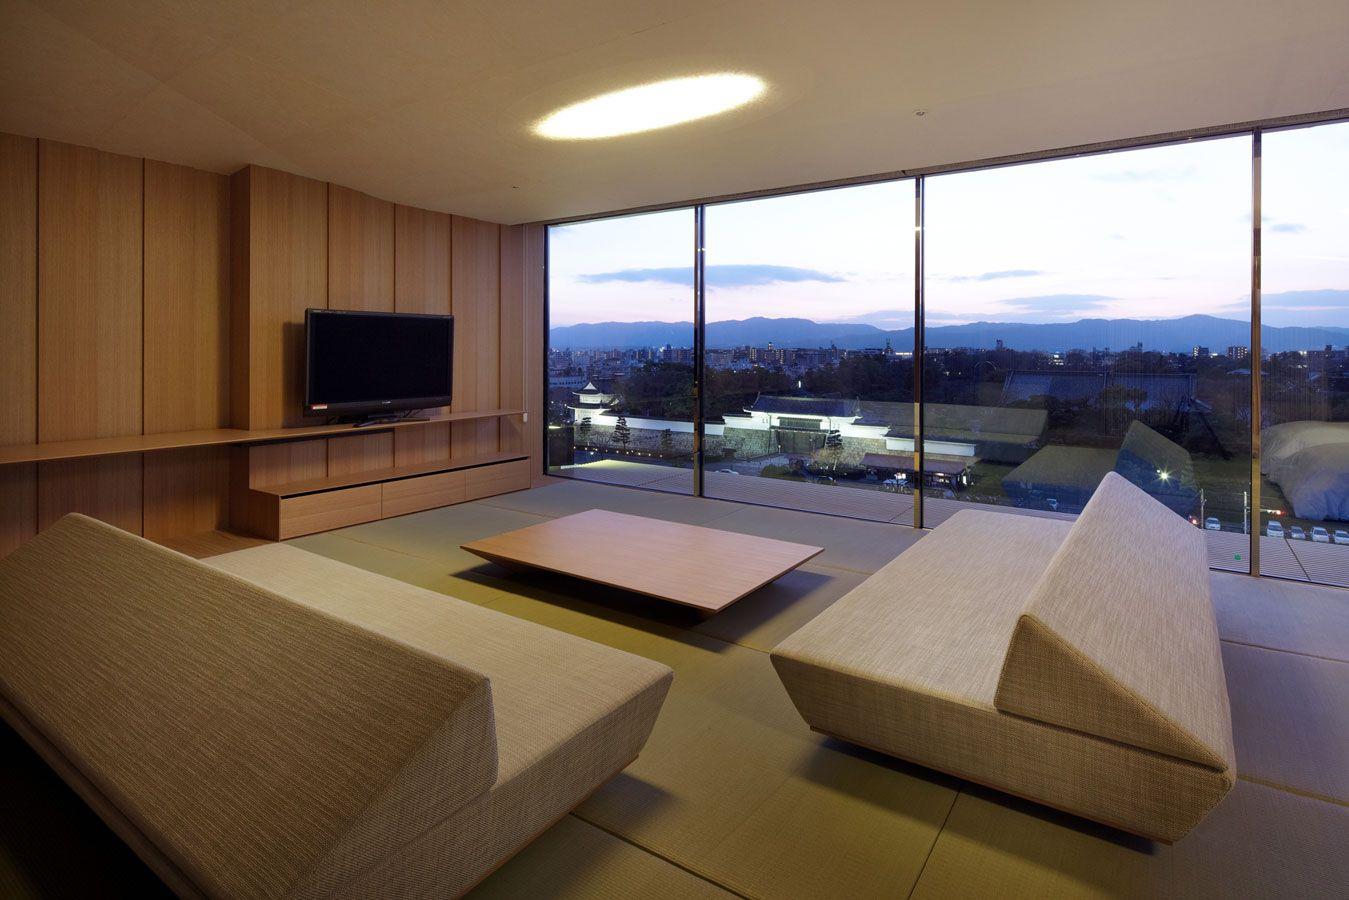 Moderne Innovative Luxus Interieur Ideen Fürs Wohnzimmer - Grobe bilder furs wohnzimmer